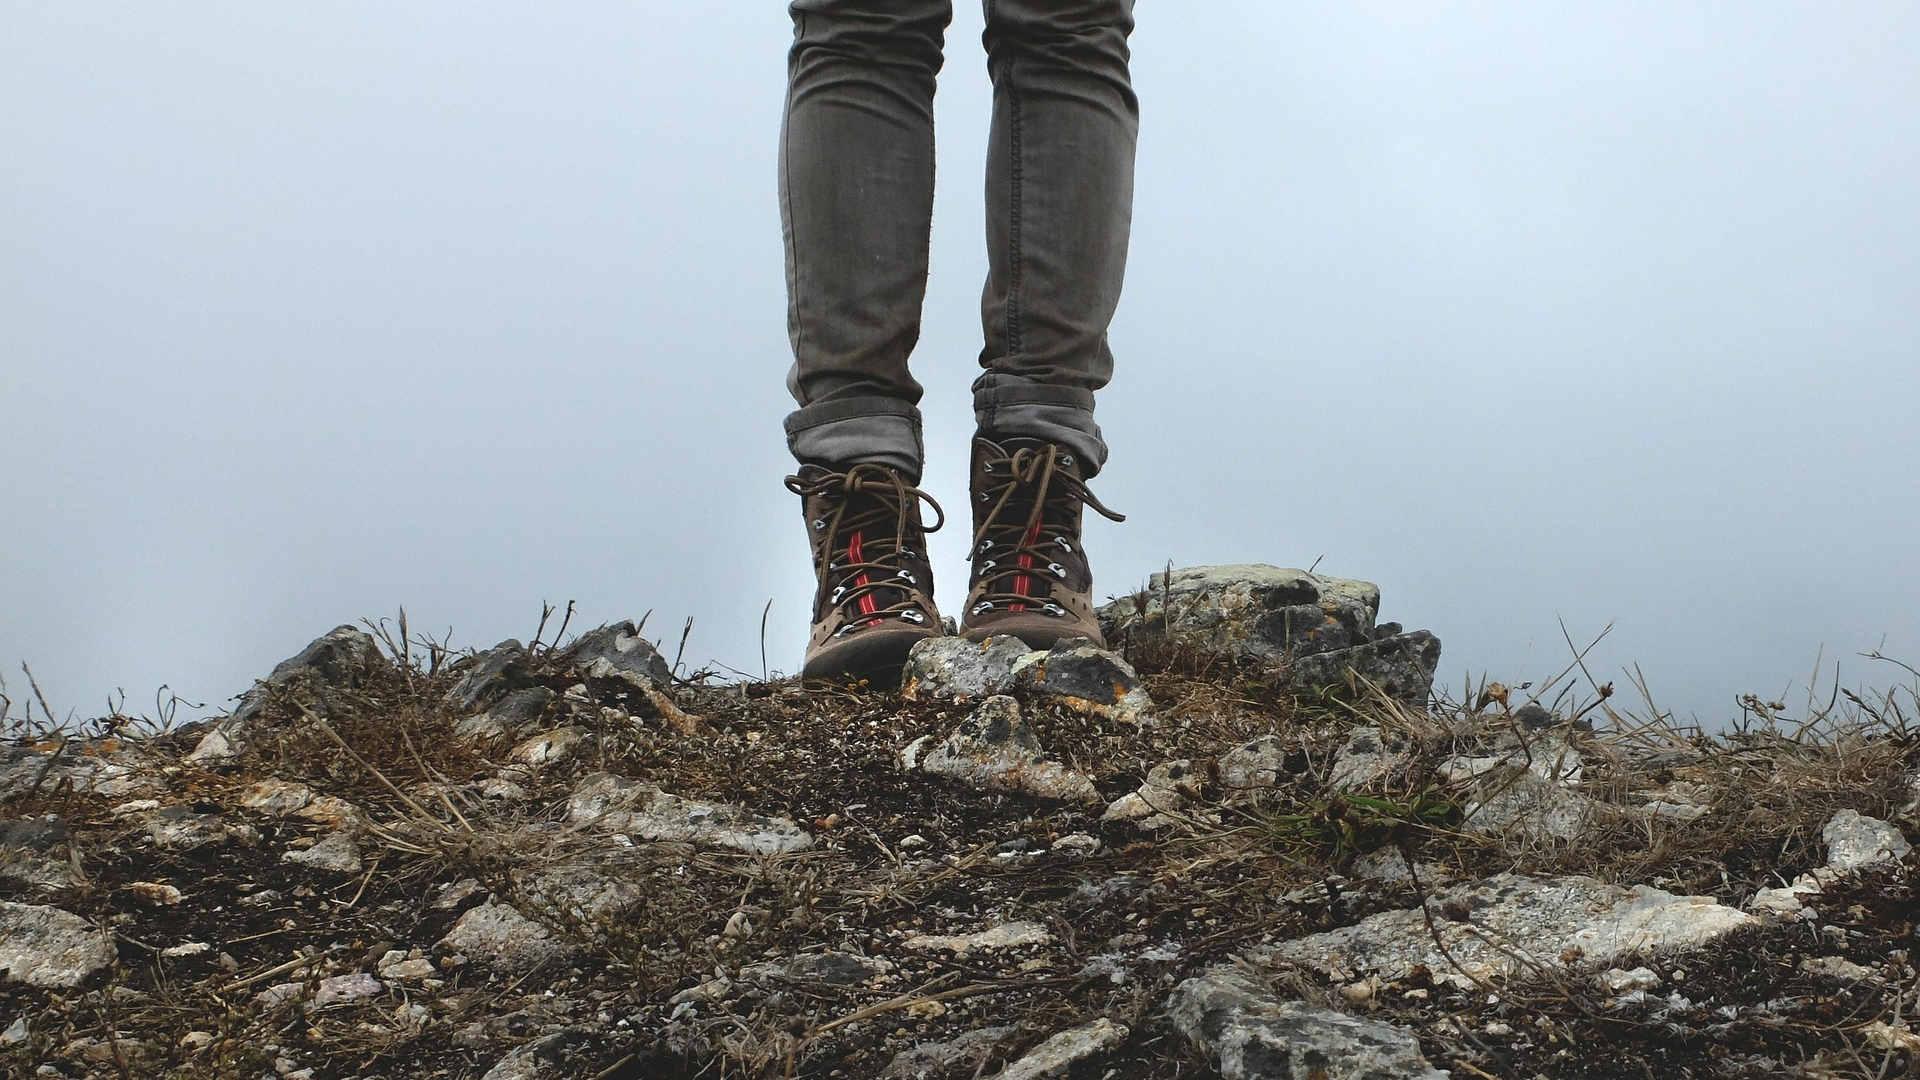 Wandern Ausrüstung ▷ Tipps zum Wandern